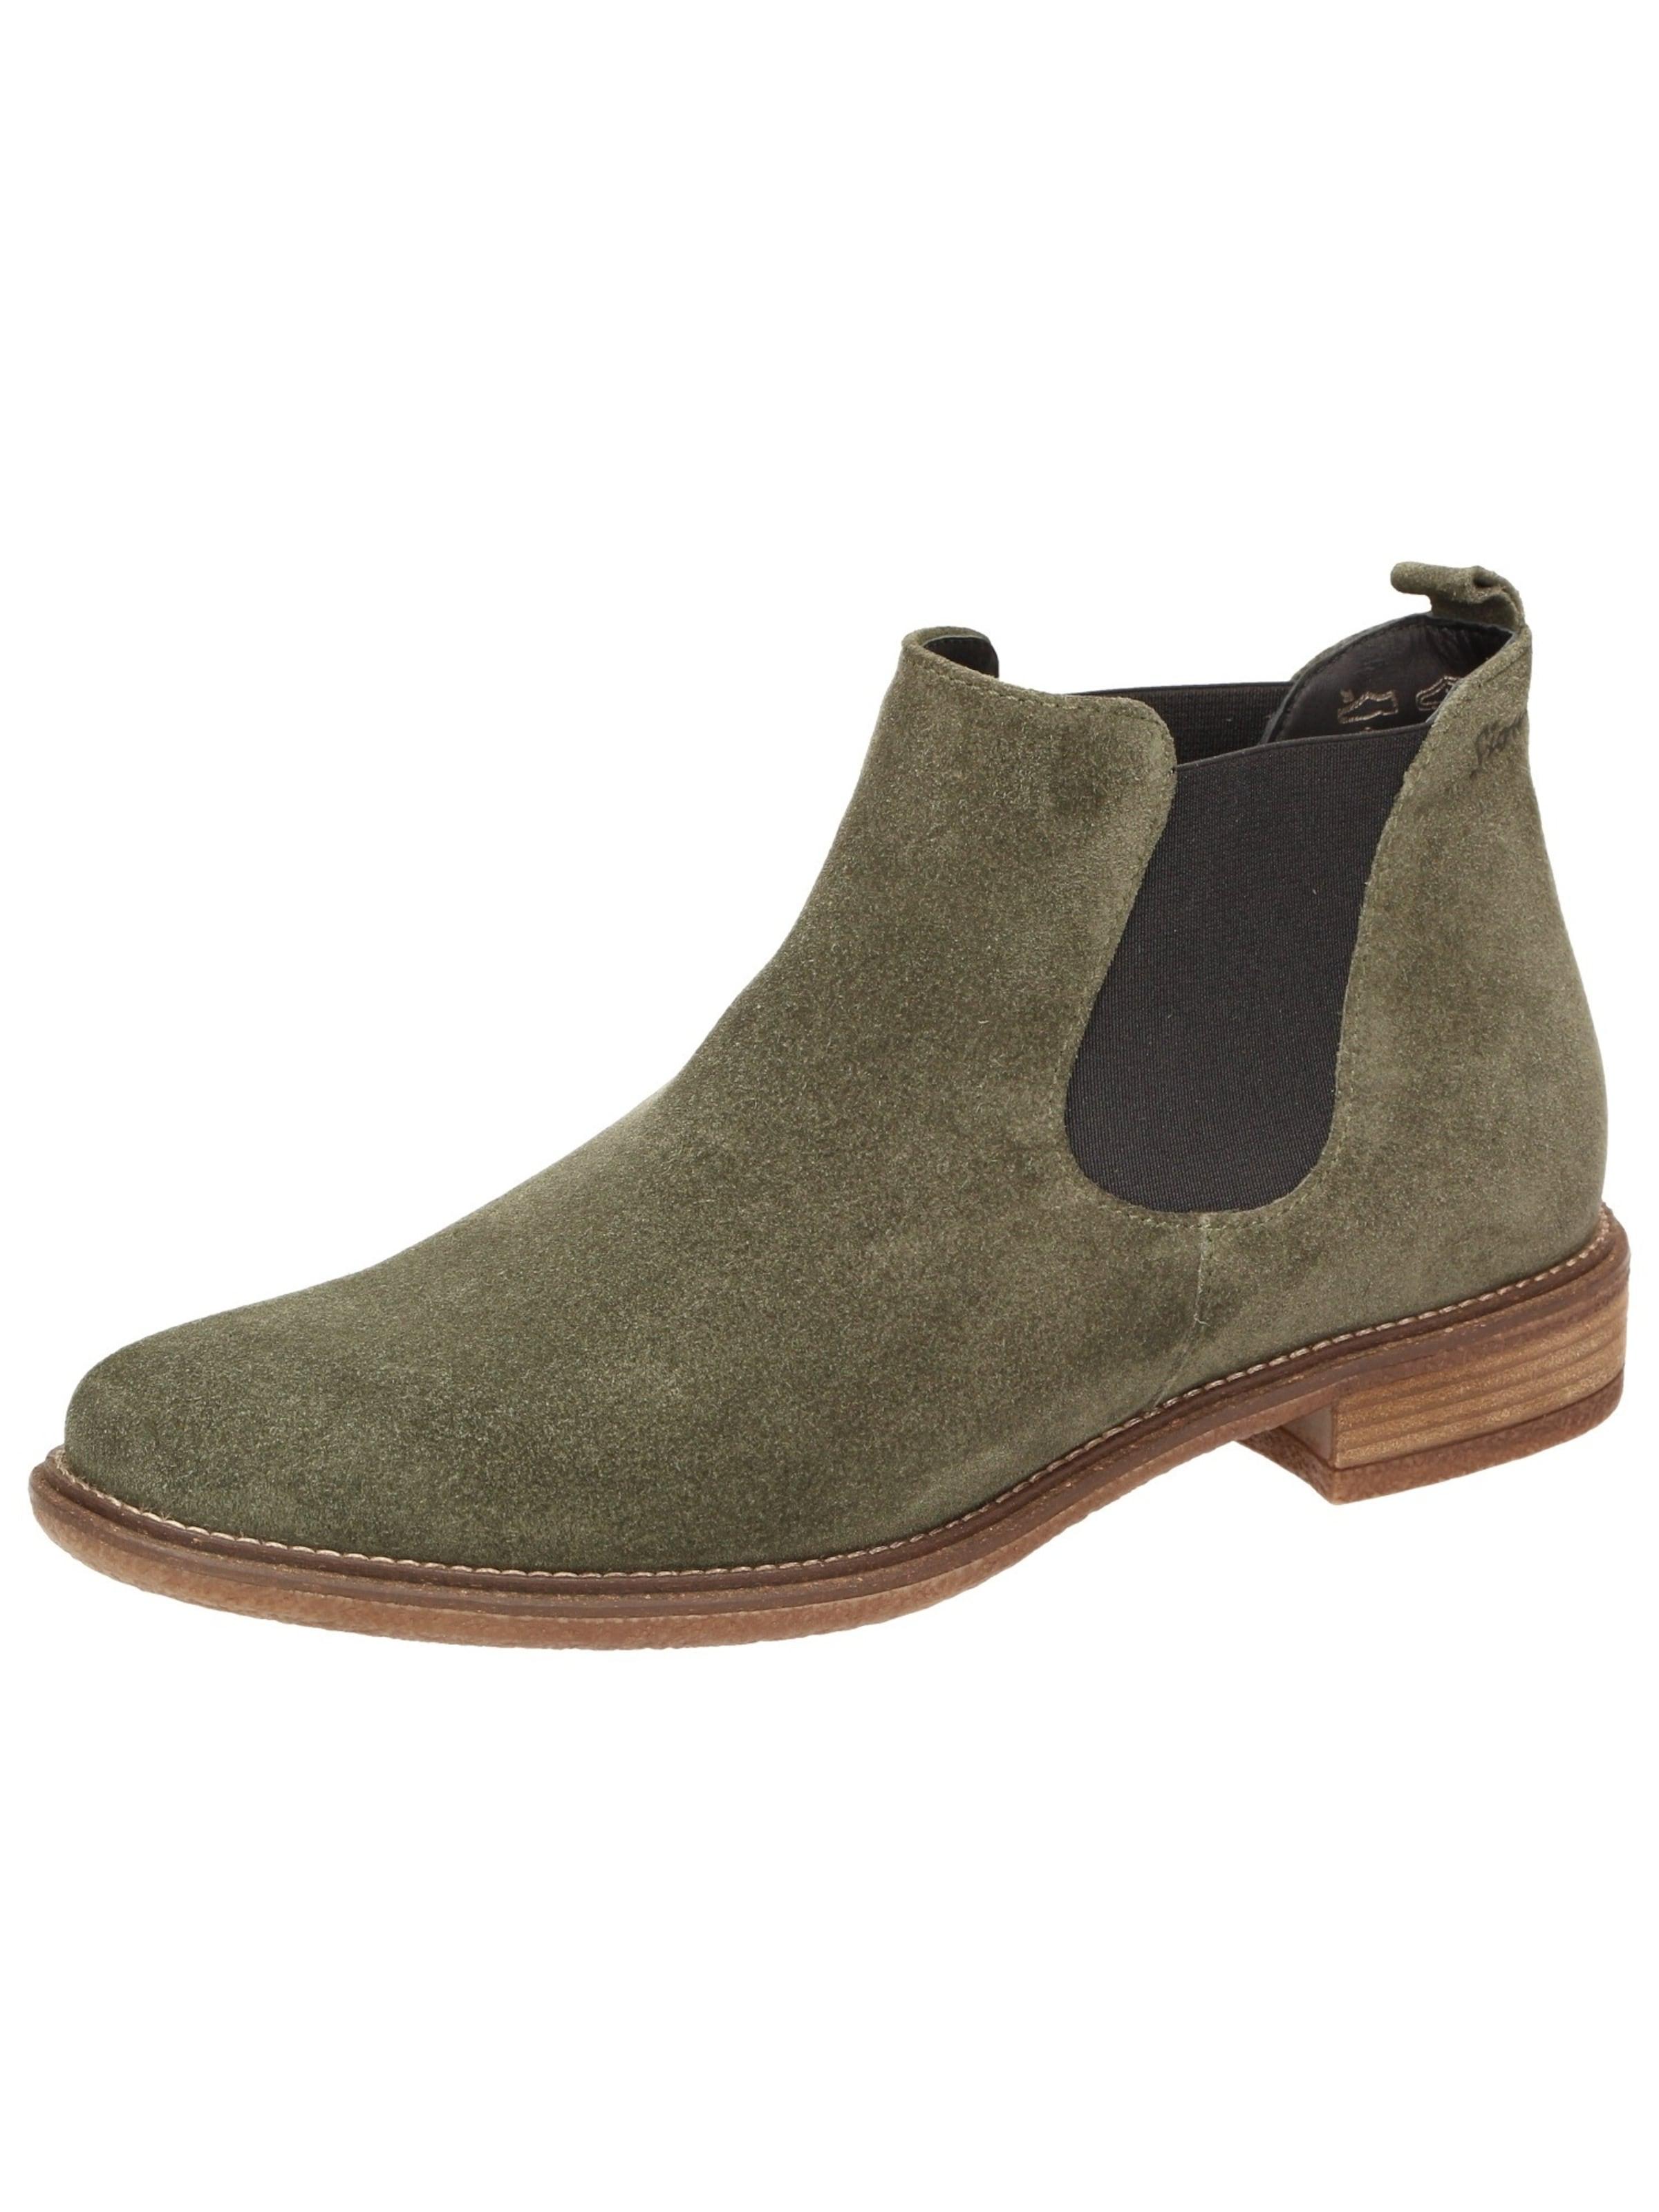 SIOUX Stiefelette Horatia Verschleißfeste billige Schuhe